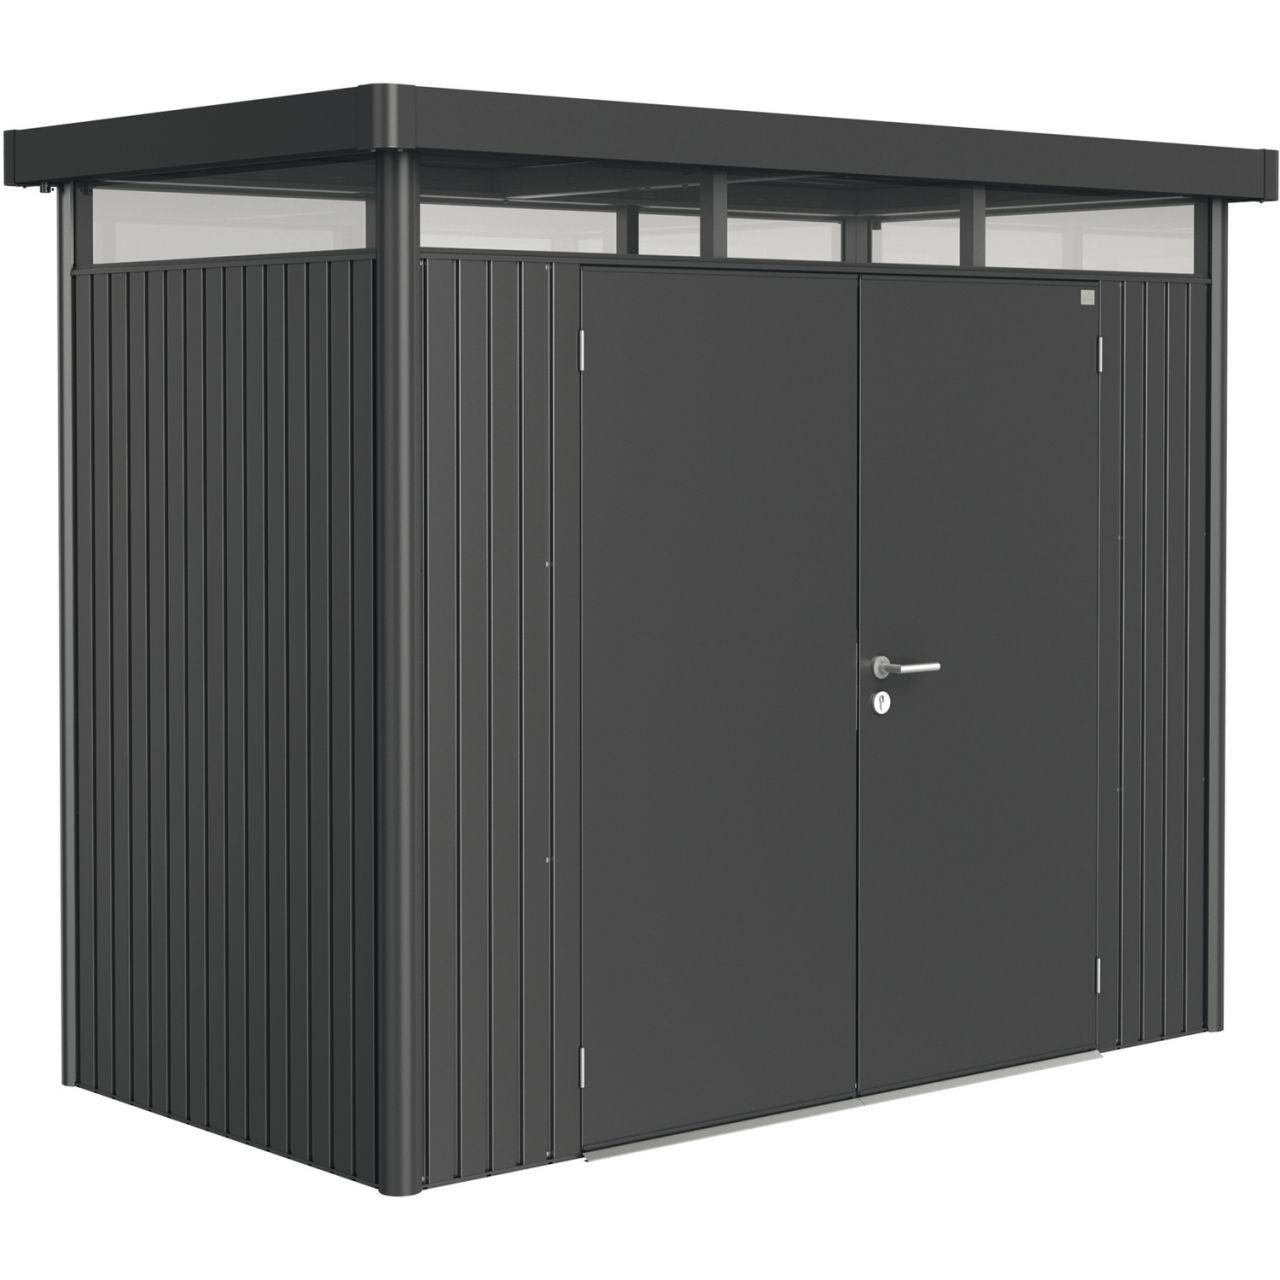 biohort ger tehaus highline mit doppelt re highline biohort blumenmarkt dietrich. Black Bedroom Furniture Sets. Home Design Ideas